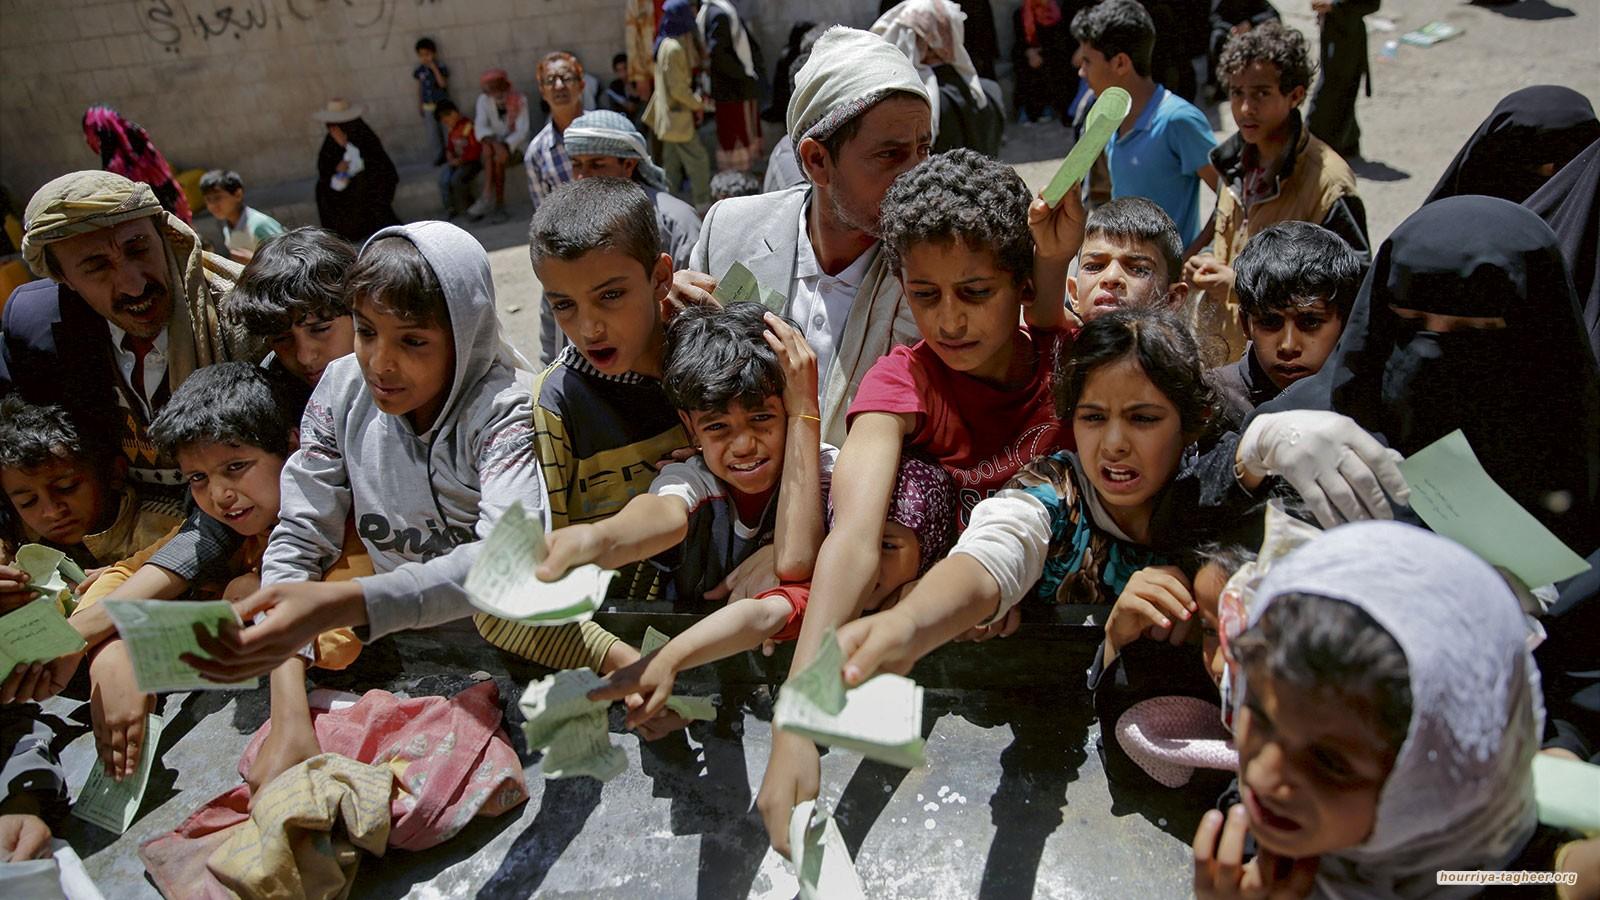 ضياع مئات المليارات خلال حرب اليمن؛ إنذار بوقوع قحط ومجاعة